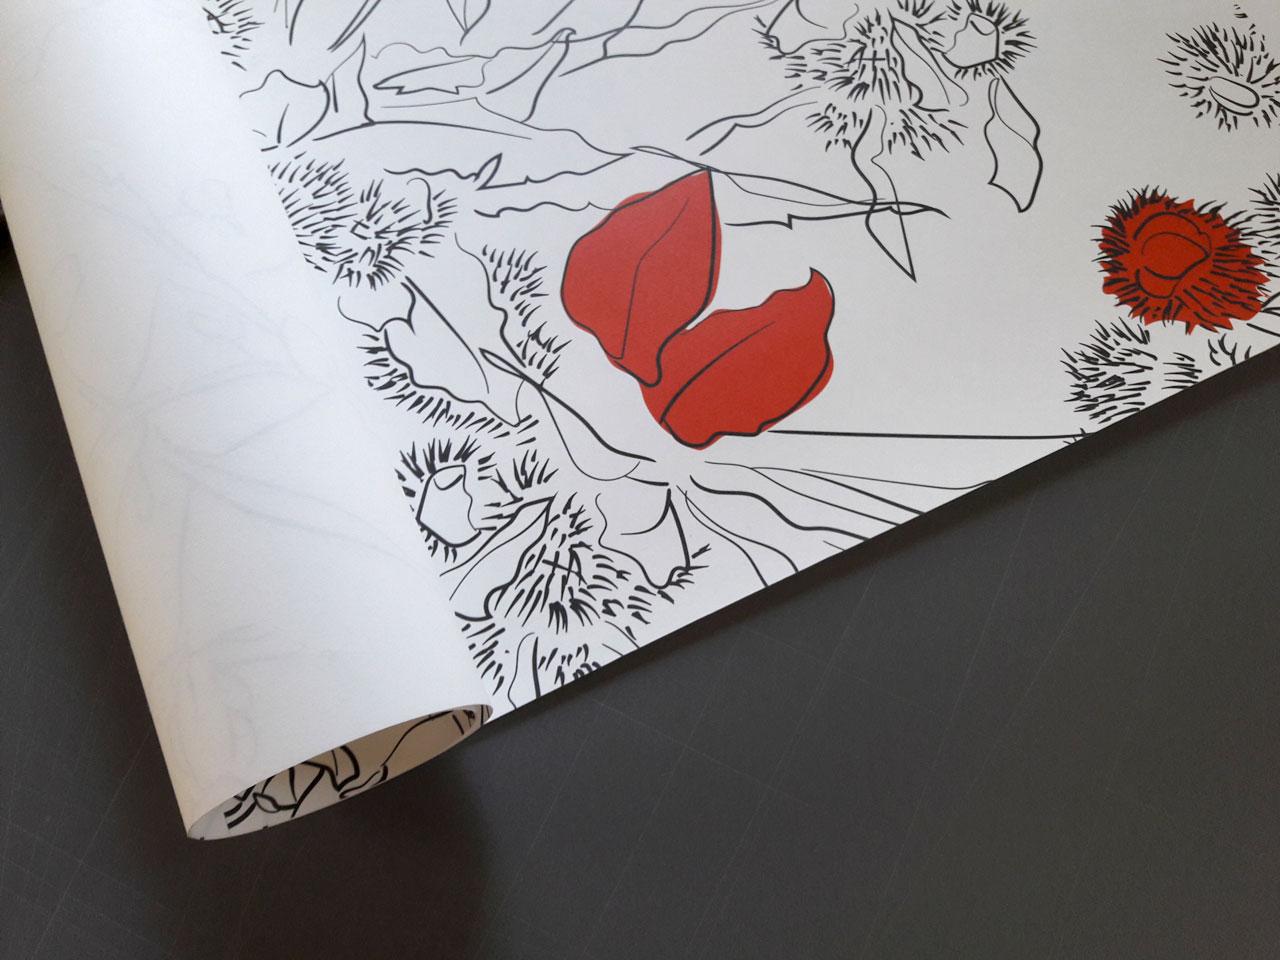 Stampa di carta da parati personalizzata a torino sece for Carta parati torino